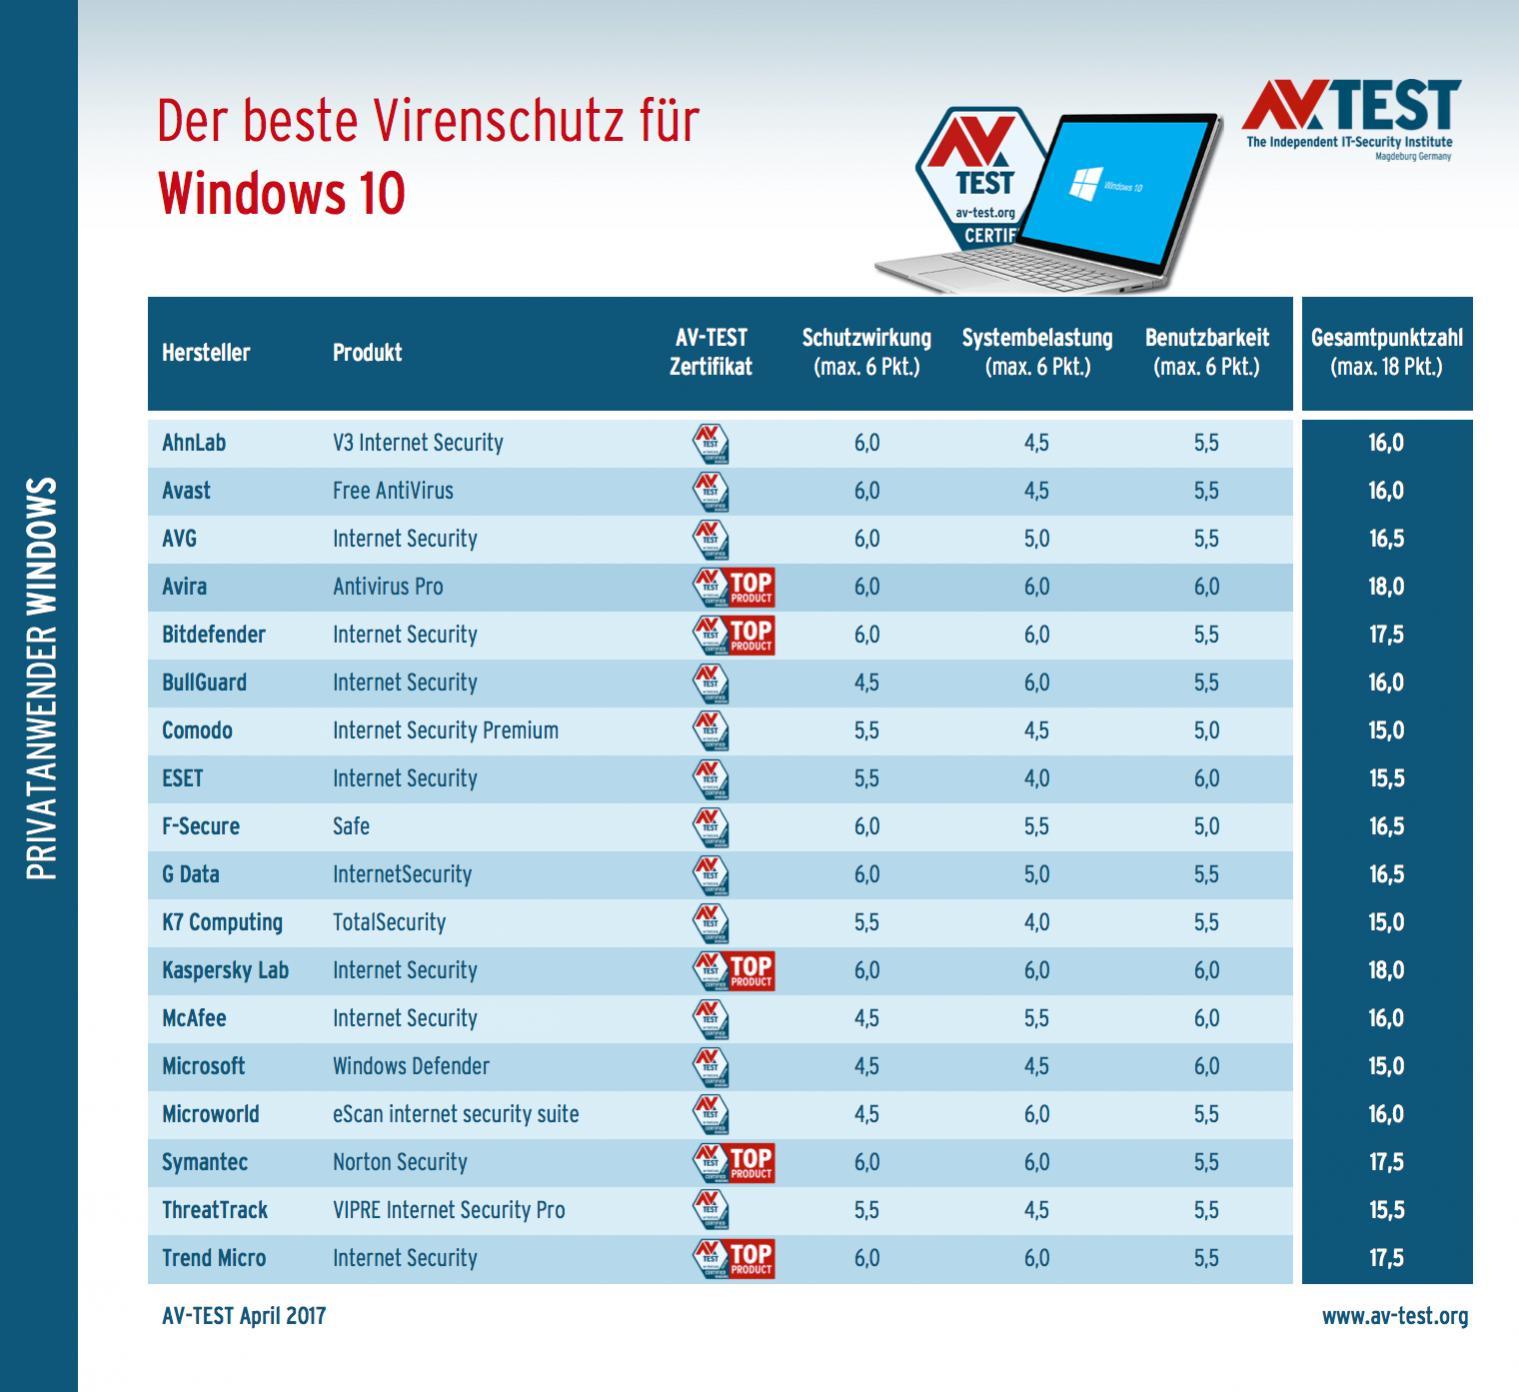 Antivirus-Windows-10-AV-Test-05-2017-Gesamt-2.jpg